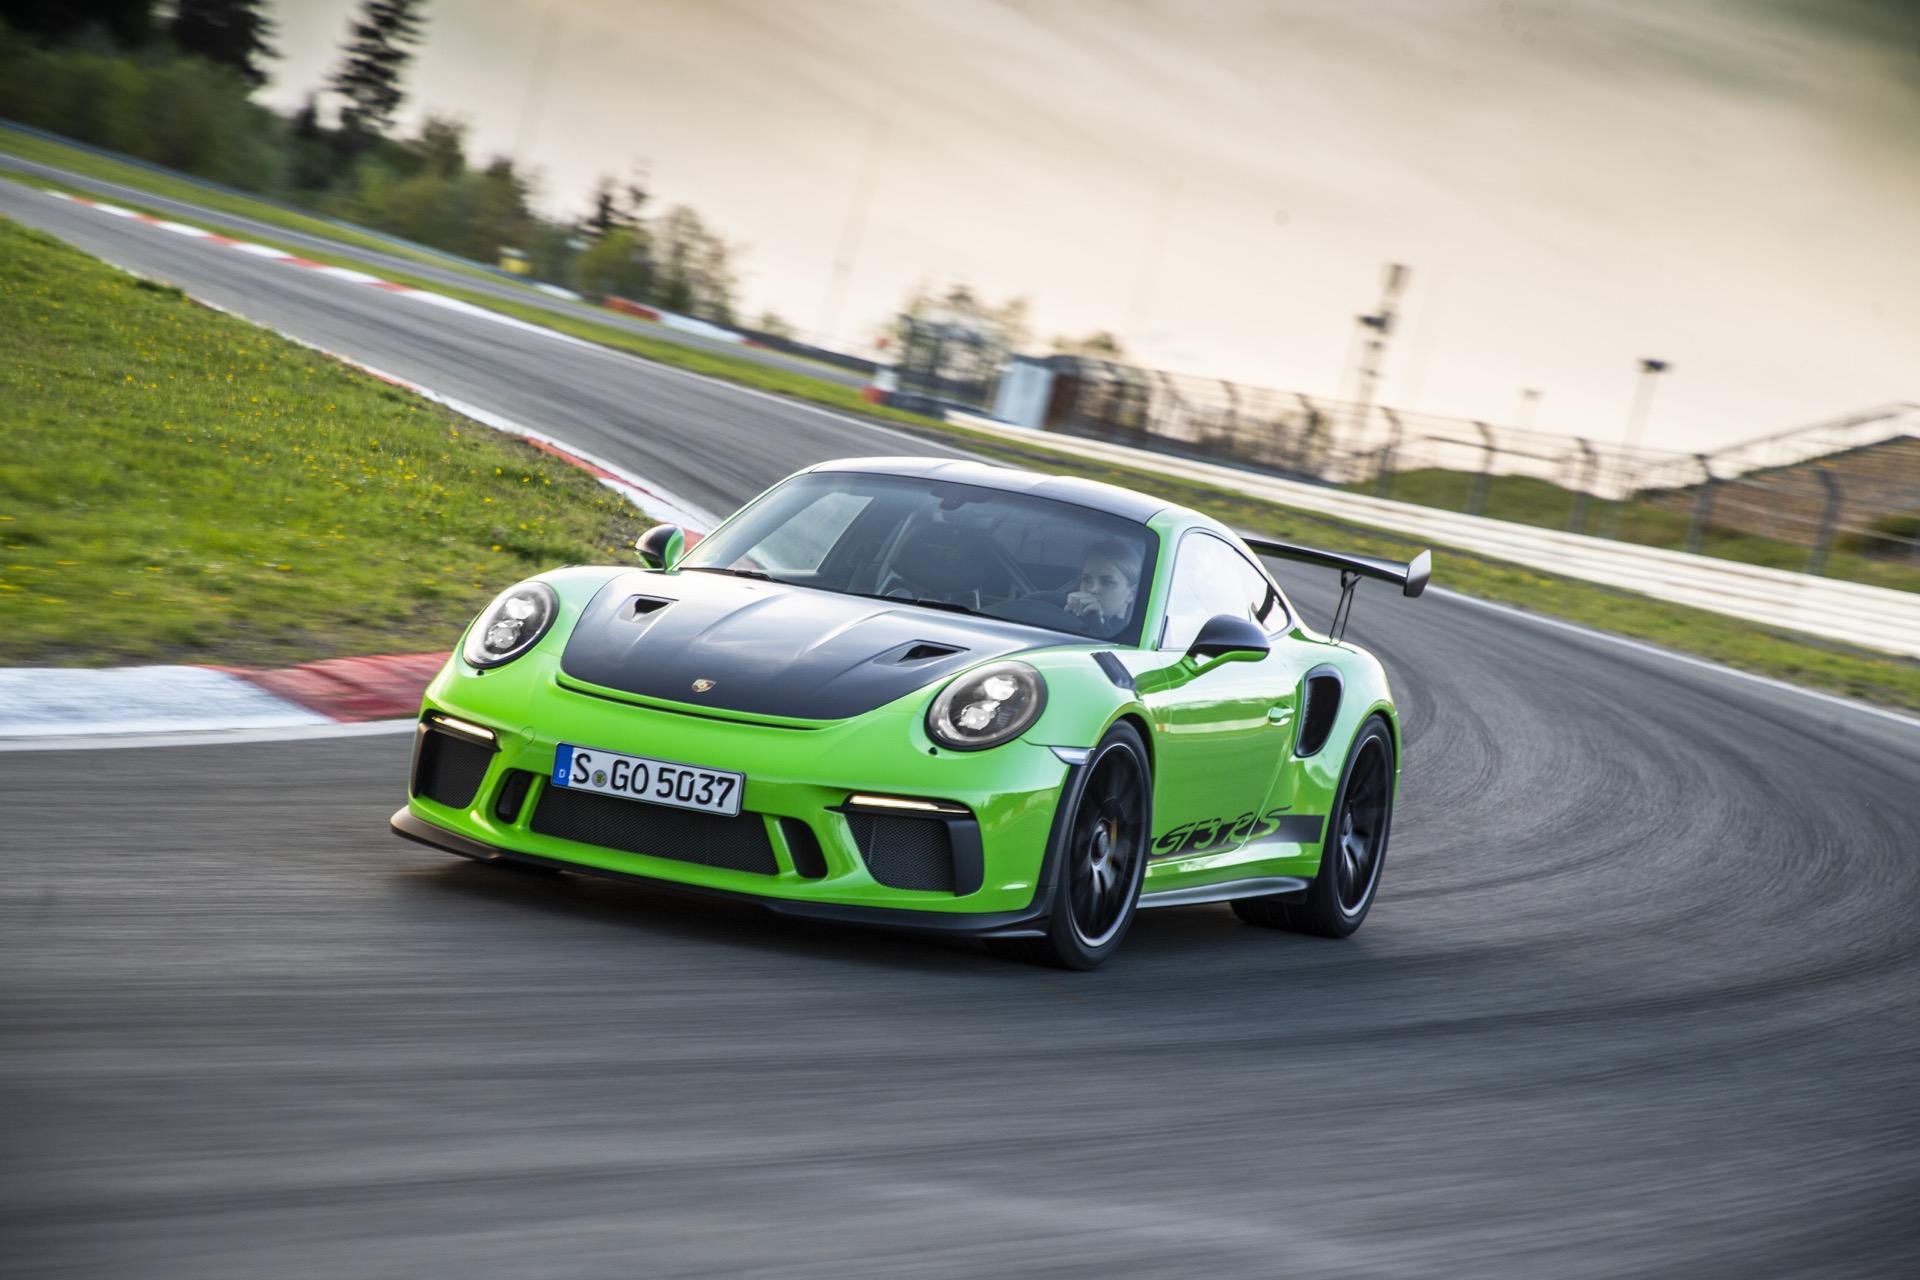 2019 Porsche 911 Gt3 Rs Weissach Review Gtspirit